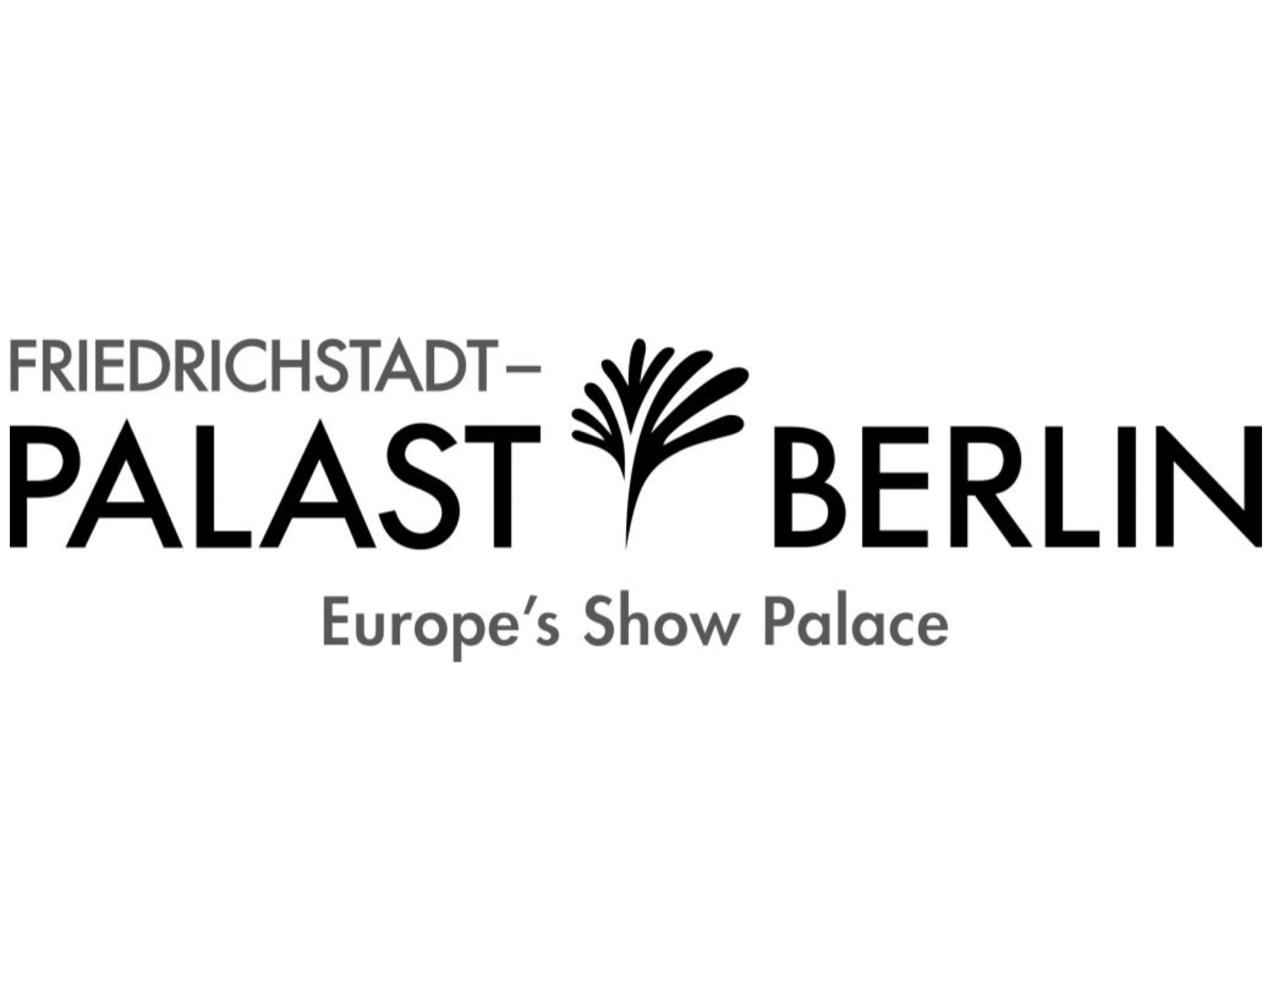 FriedrichstadtpalastBerlin